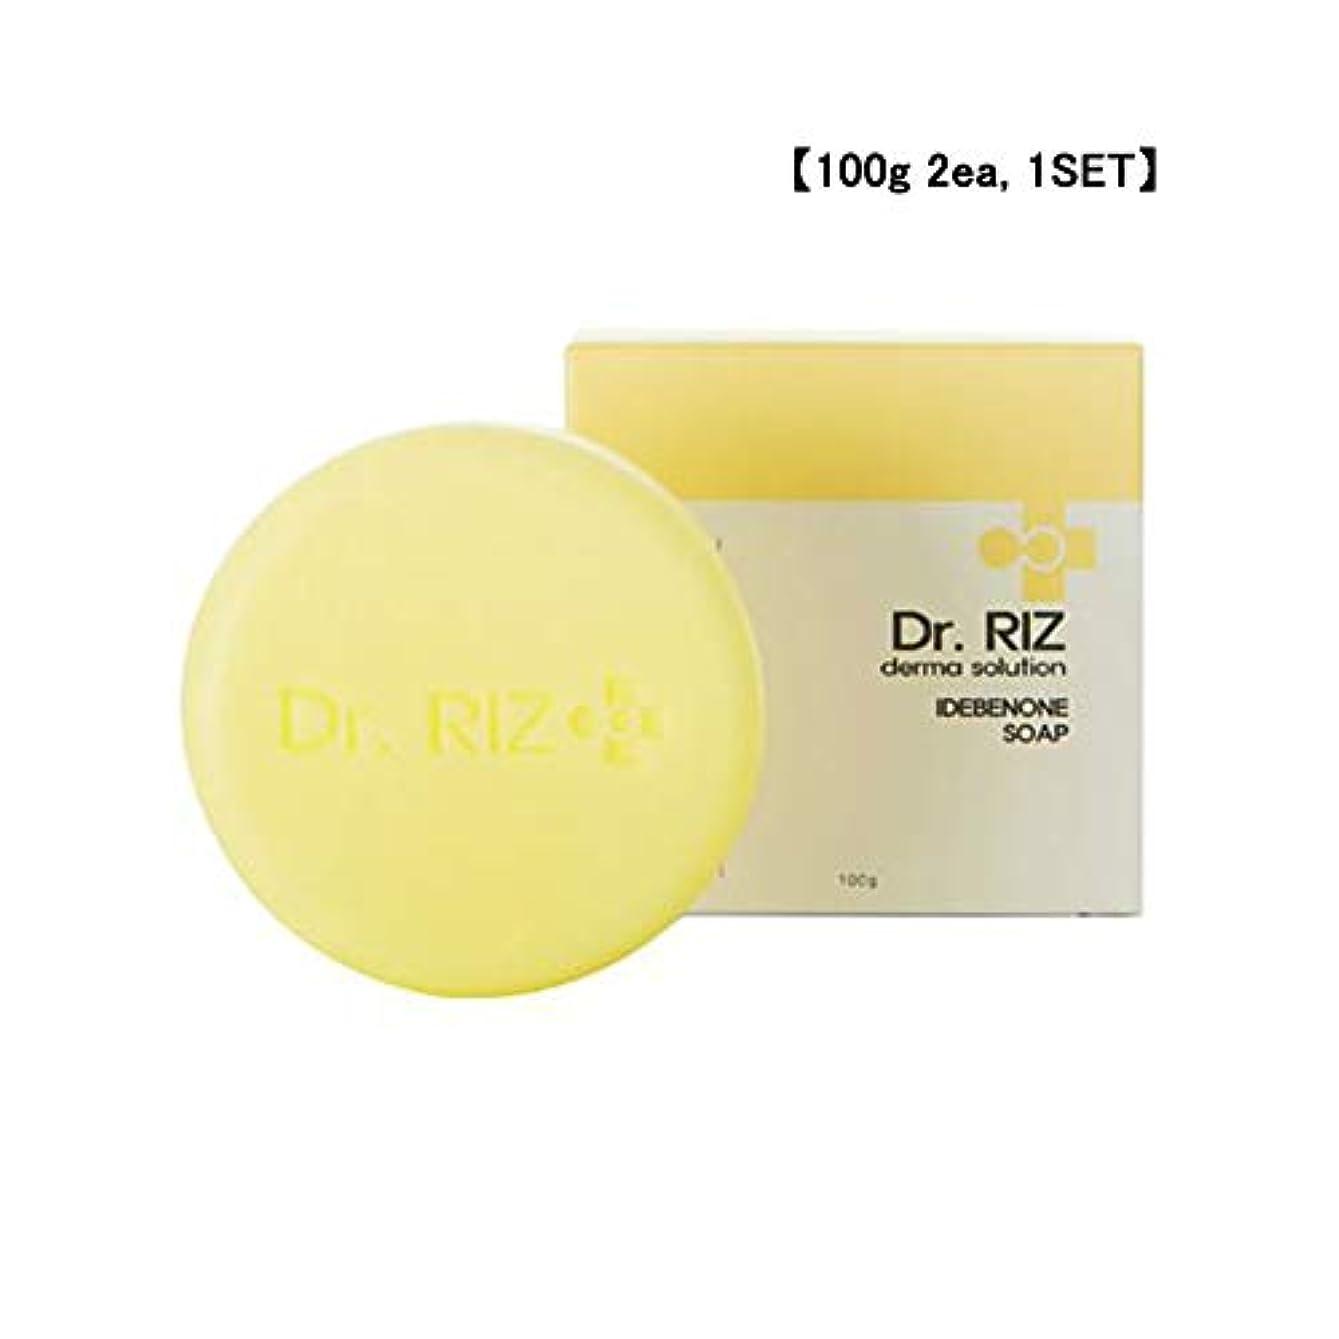 羊飼い同種の方向【Dr.RIZ]天然手作り石鹸/イーベノン10,000ppm含有/英国オーガニック認定原料ローズヒップオイル配合/Derma solution [並行輸入品] (100g 2ea)